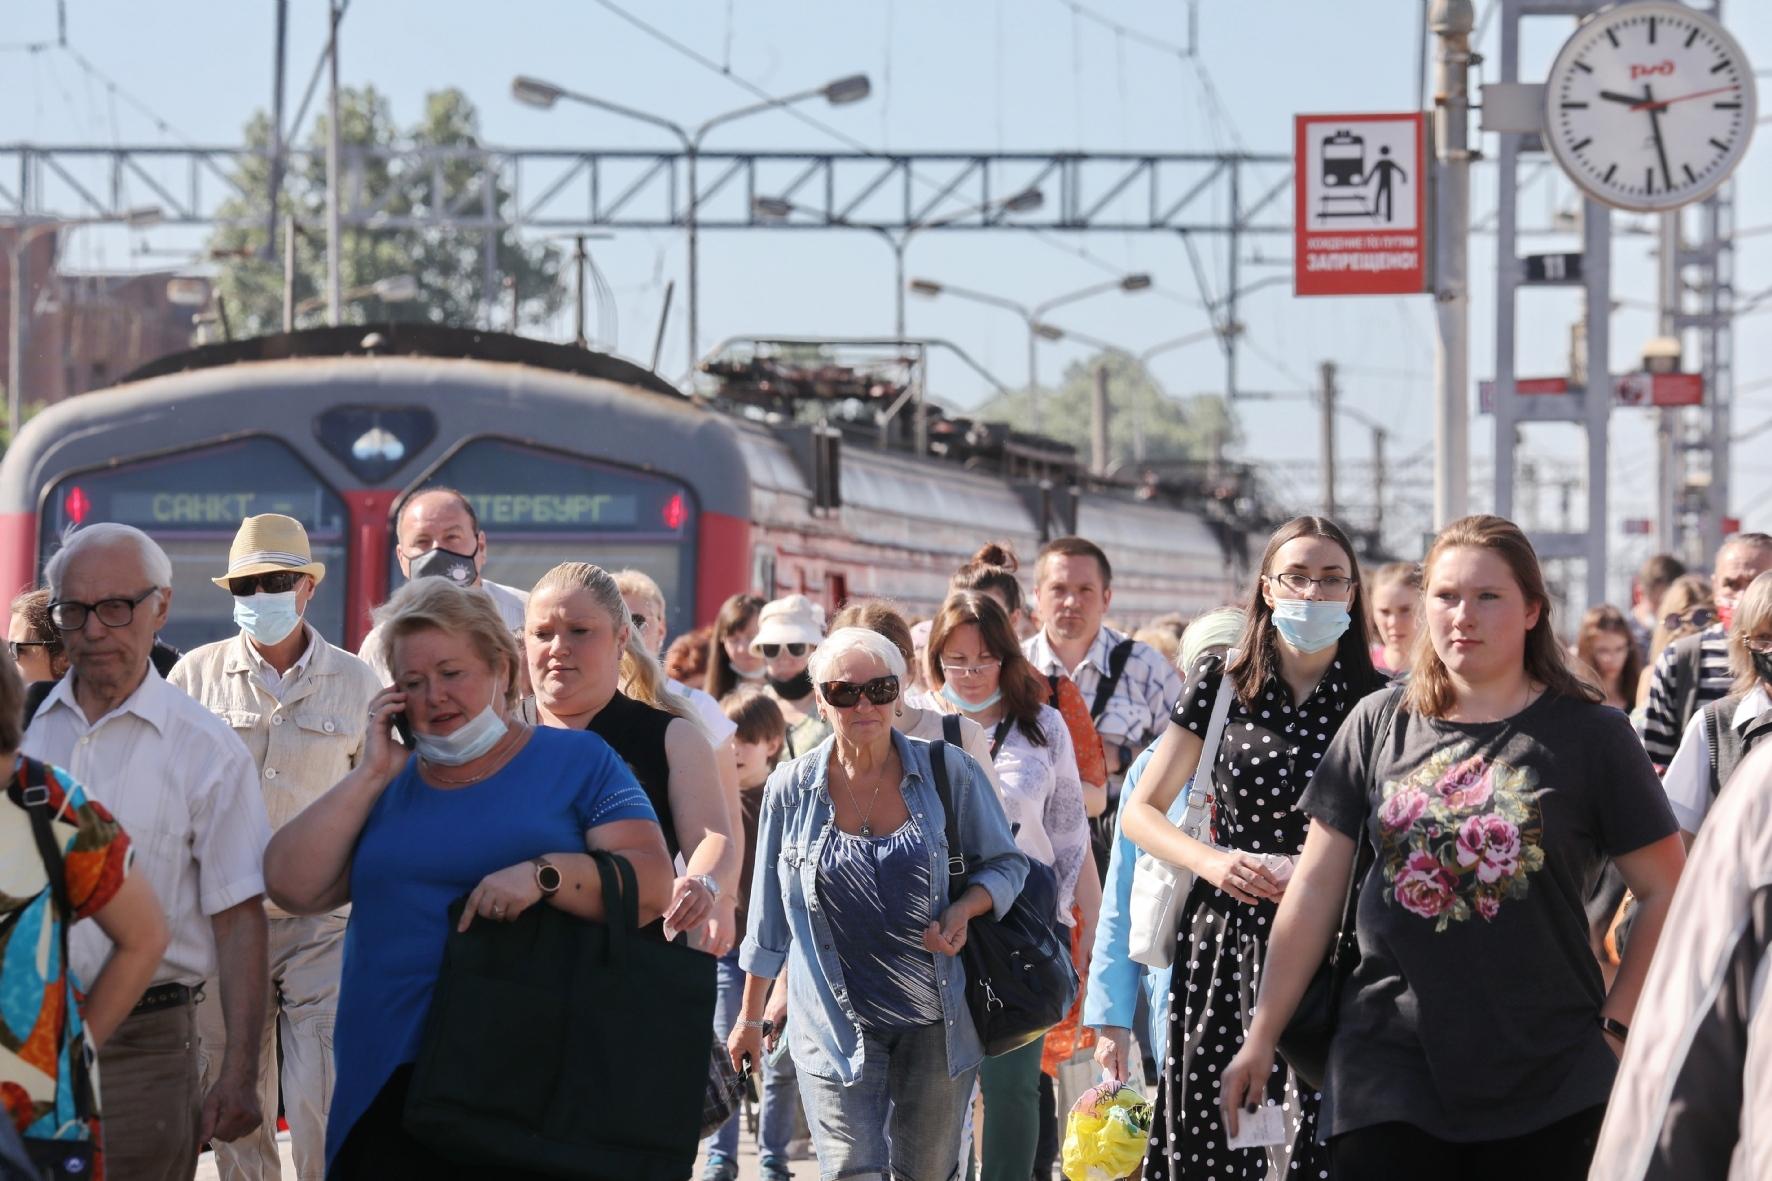 Фото: Холявчук Светлана/PhotoXPress.ru